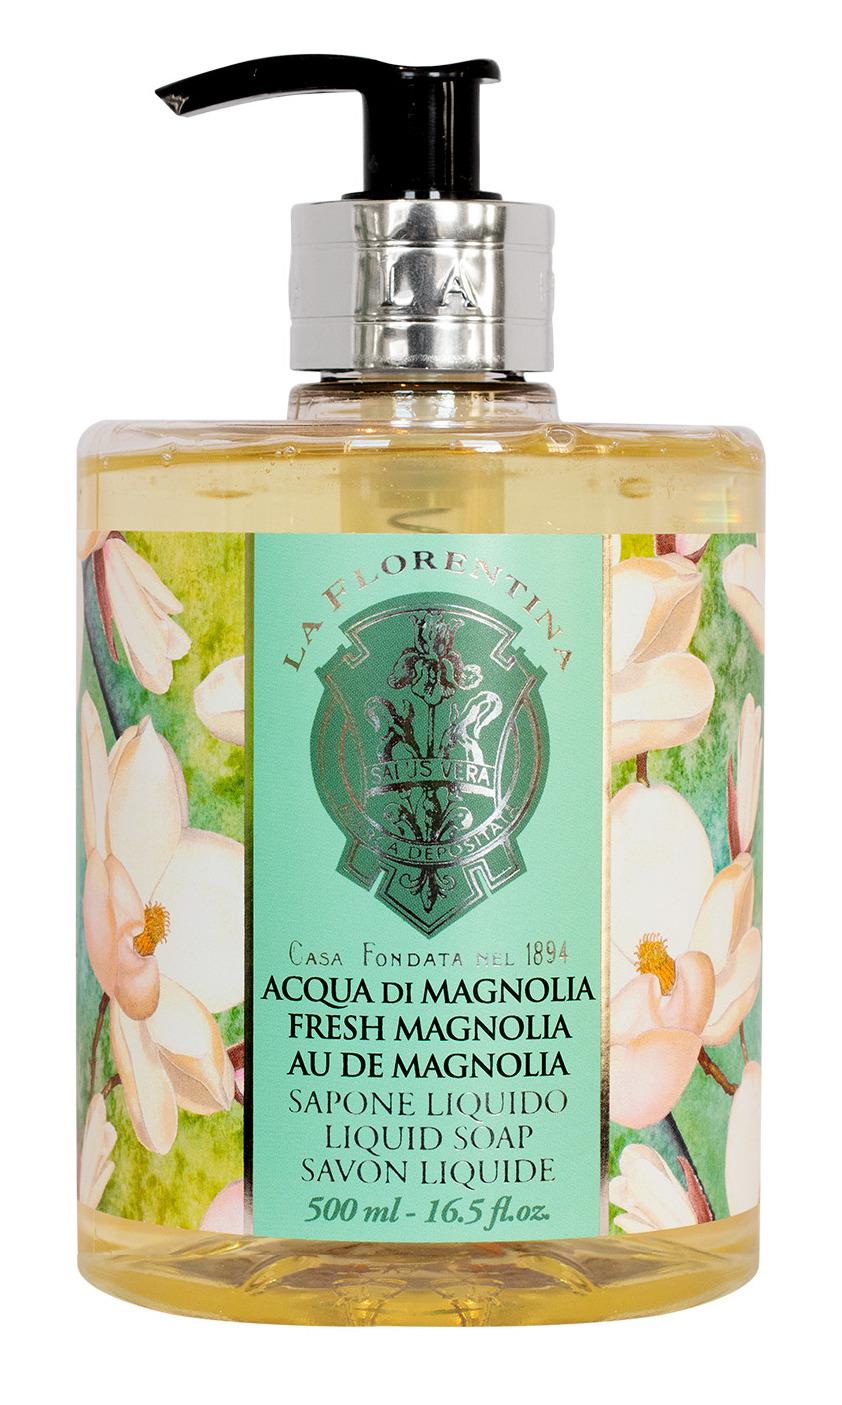 Купить LA FLORENTINA Мыло натуральное жидкое, свежая магнолия / Fresh Magnolia 500 мл